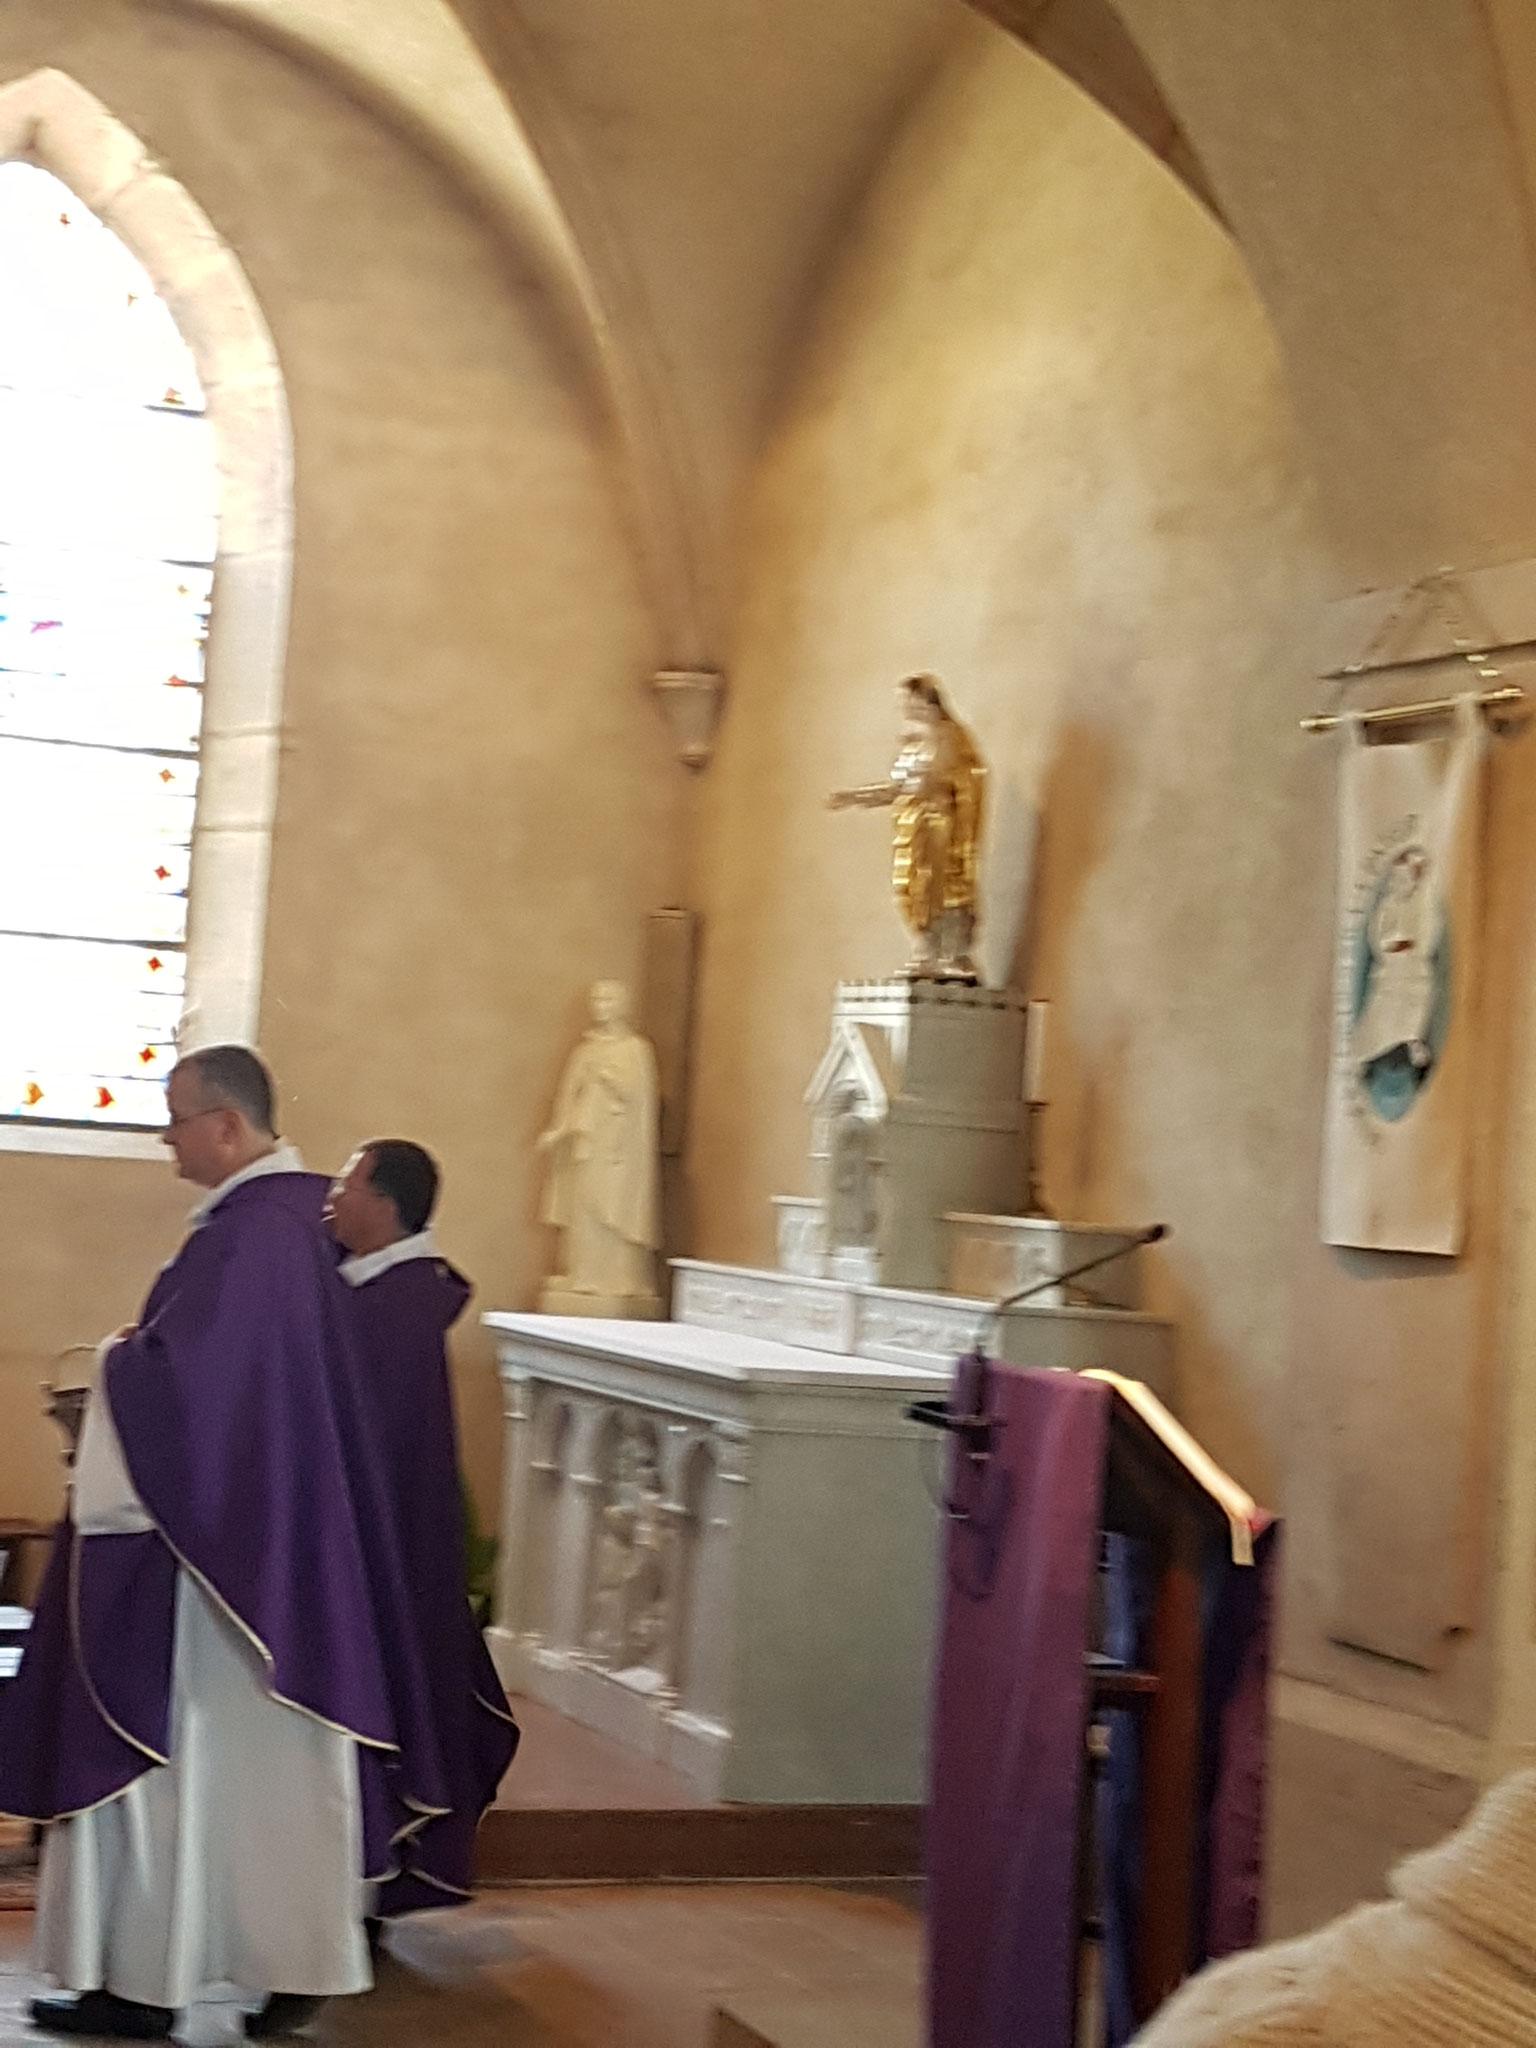 Au cours de la préparation pénitentielle, aspersion de l'autel, de l'assemblée et des murs de l'église.